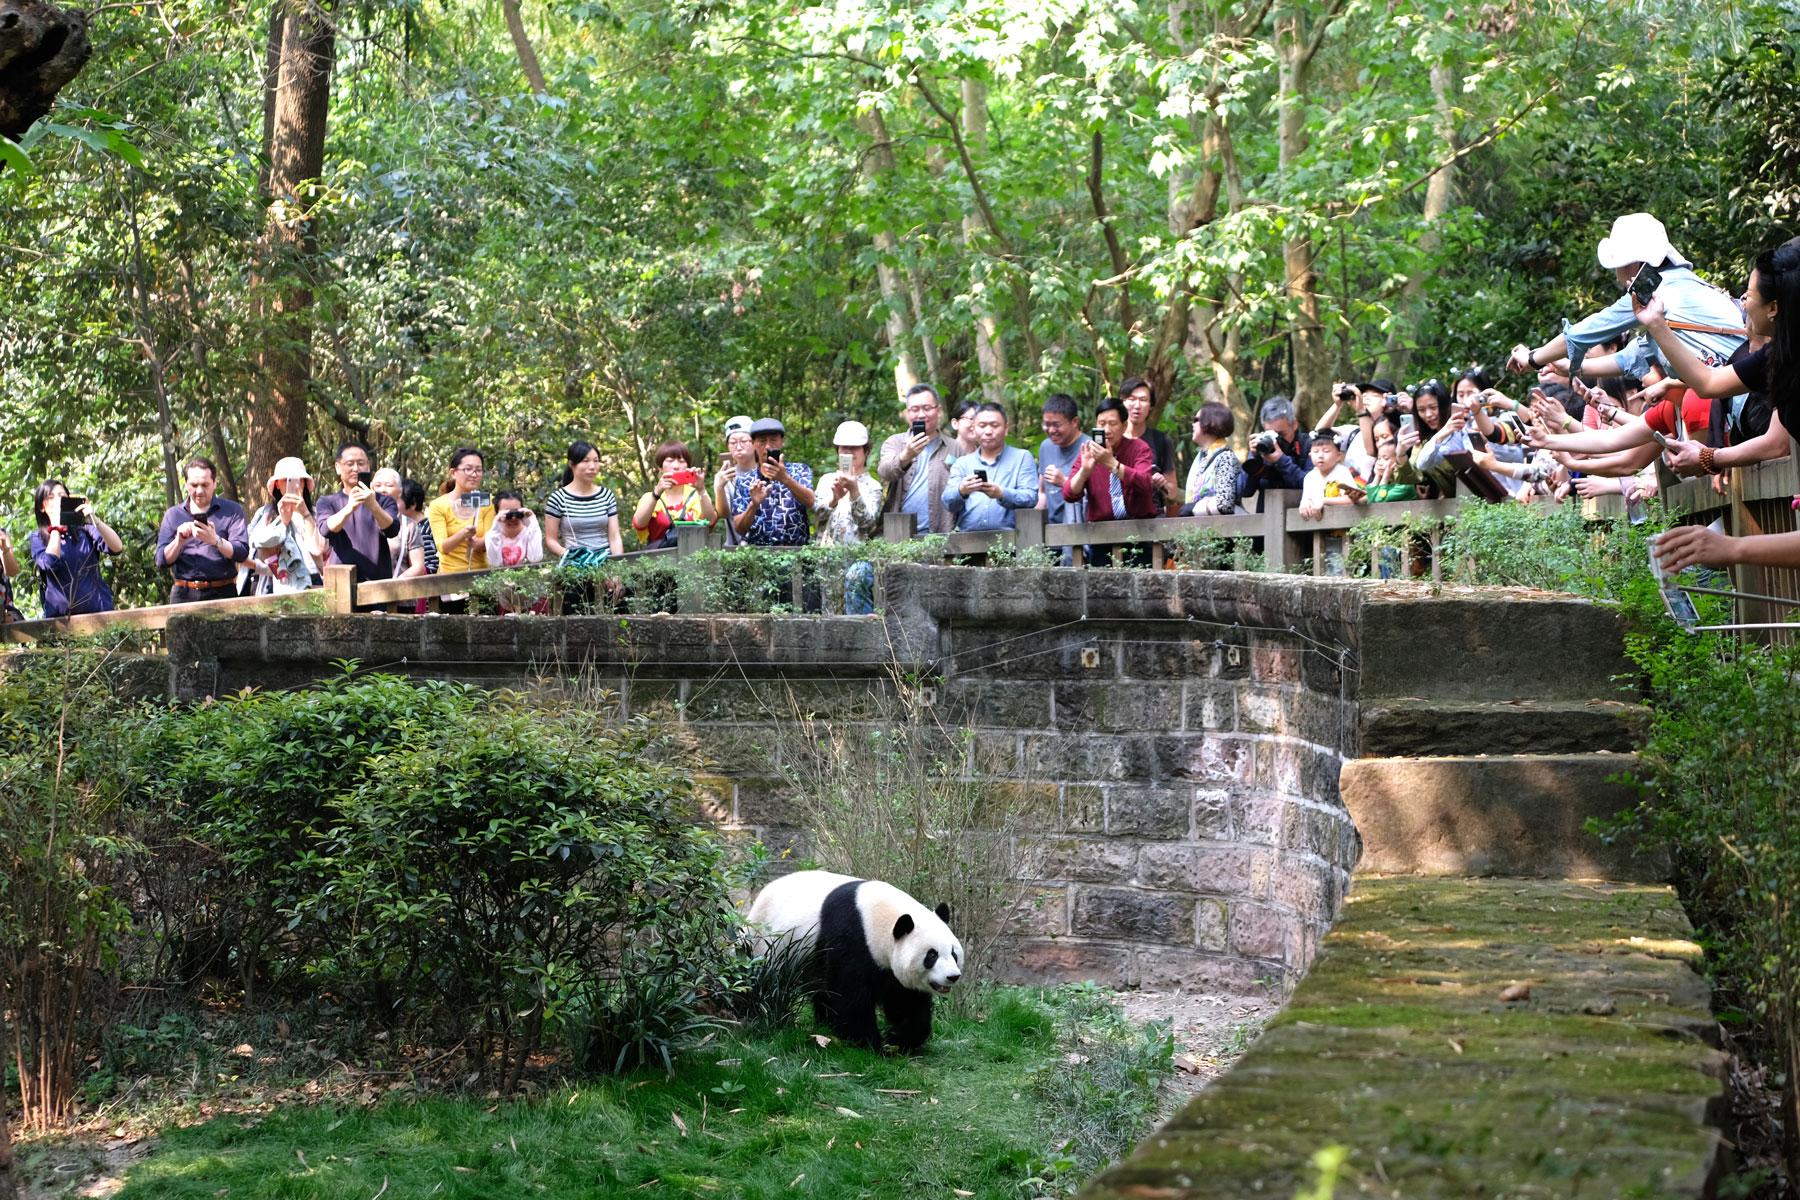 Chinesische Besucher schauen in das Gehege eines großen Pandas in der Aufzuchstation in Chengdu.